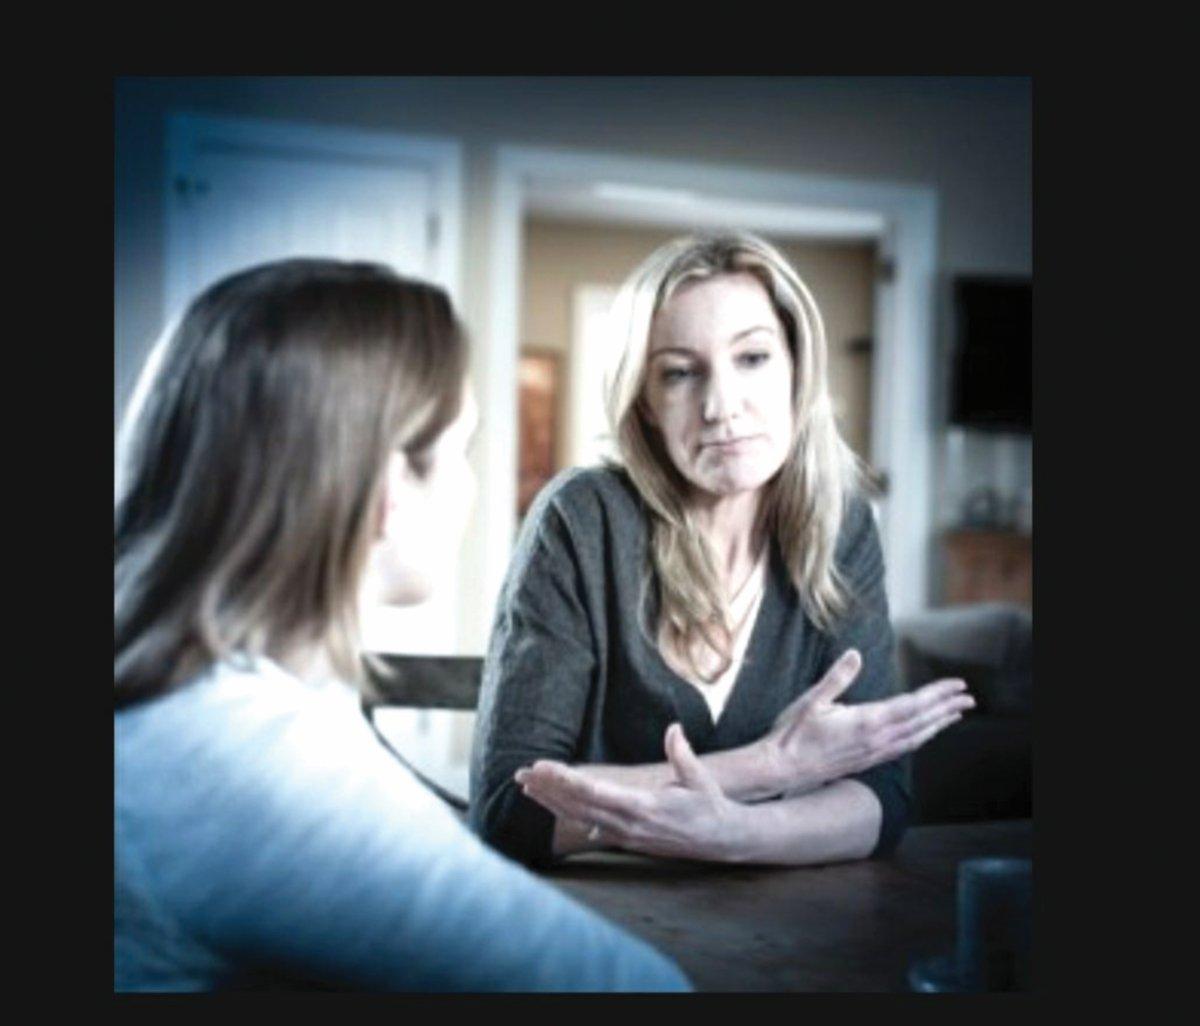 KOMUNIKASI baik boleh bantu sokongan keluarga dalam tangani isu kecelaruan identiti jantina.